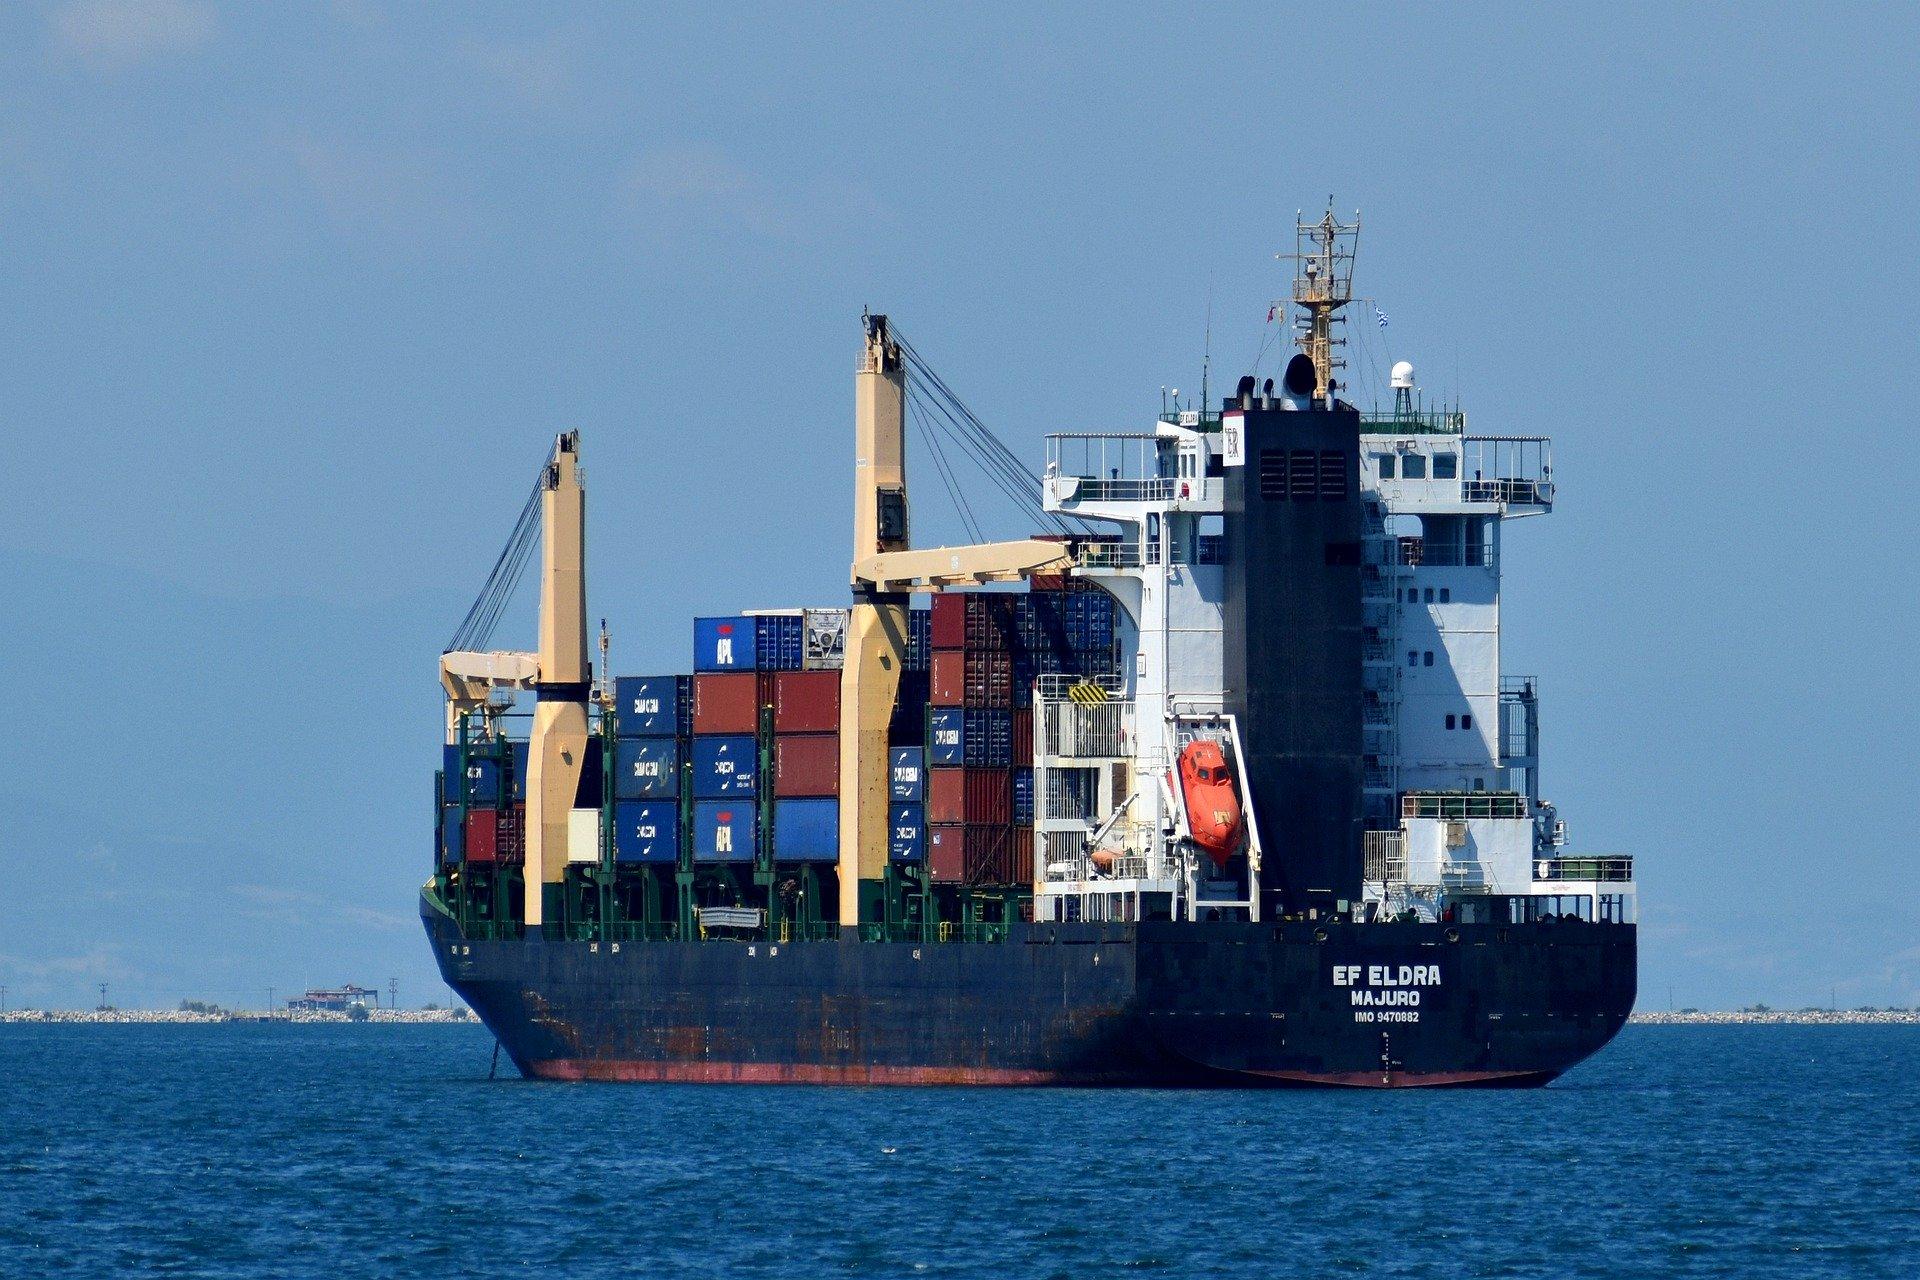 ТОП-5 українських морських портів за обсягами перевалки зерна в 2020 році